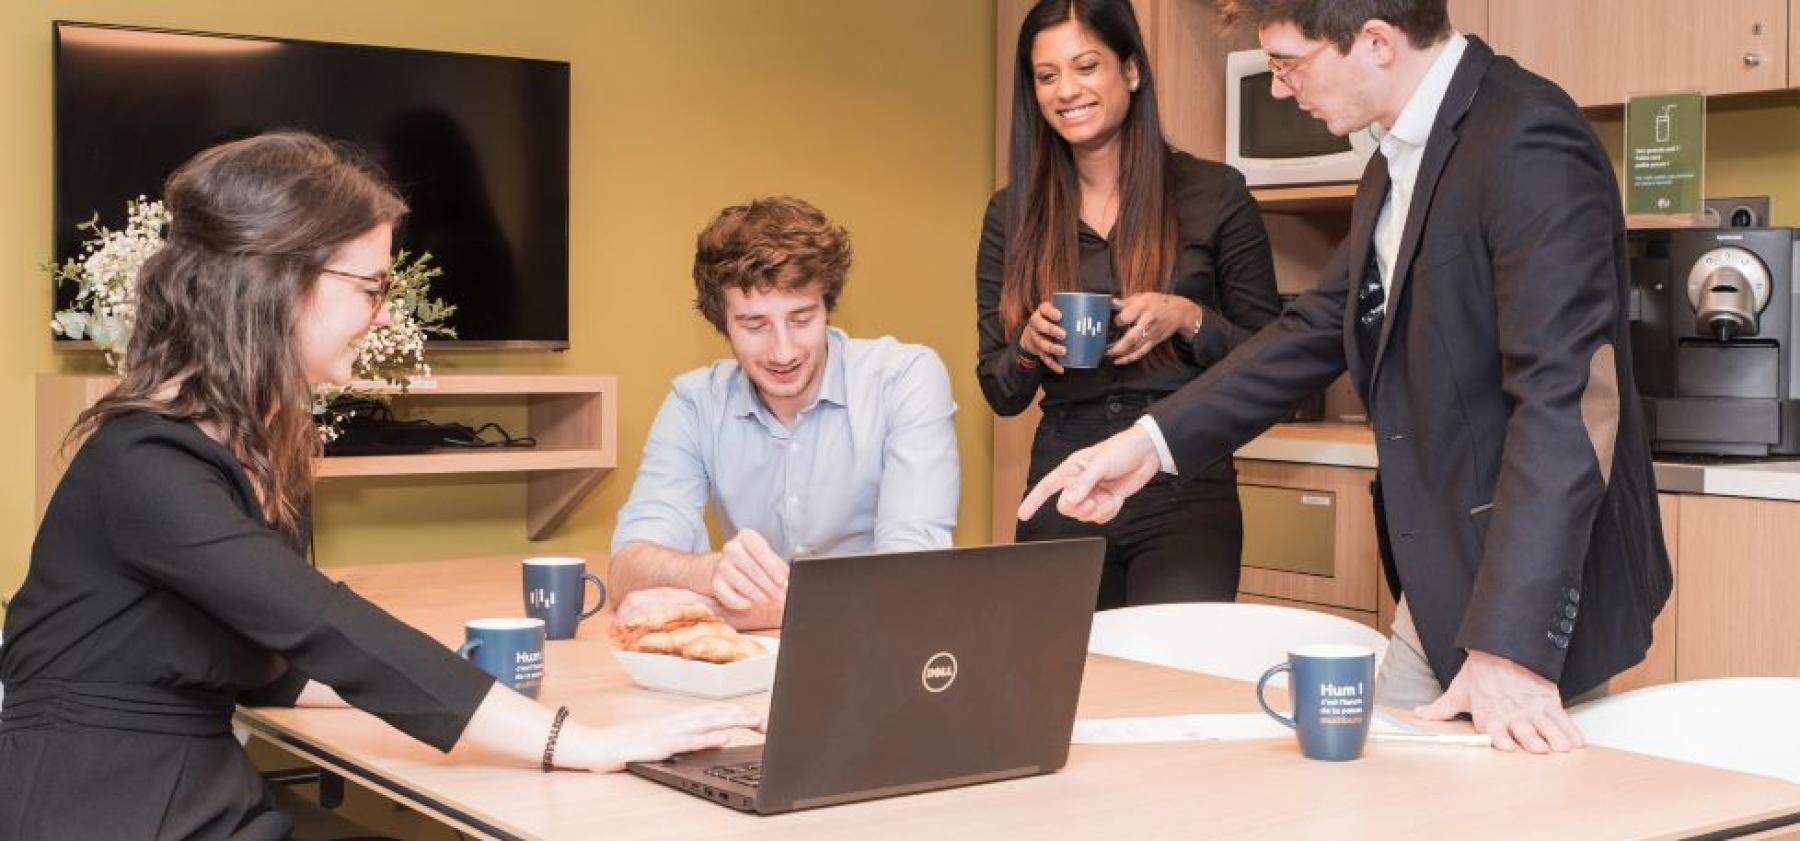 Venez travailler avec vos collègues dans l'uns de nos espaces de coworking à la rue Maurice Flandin